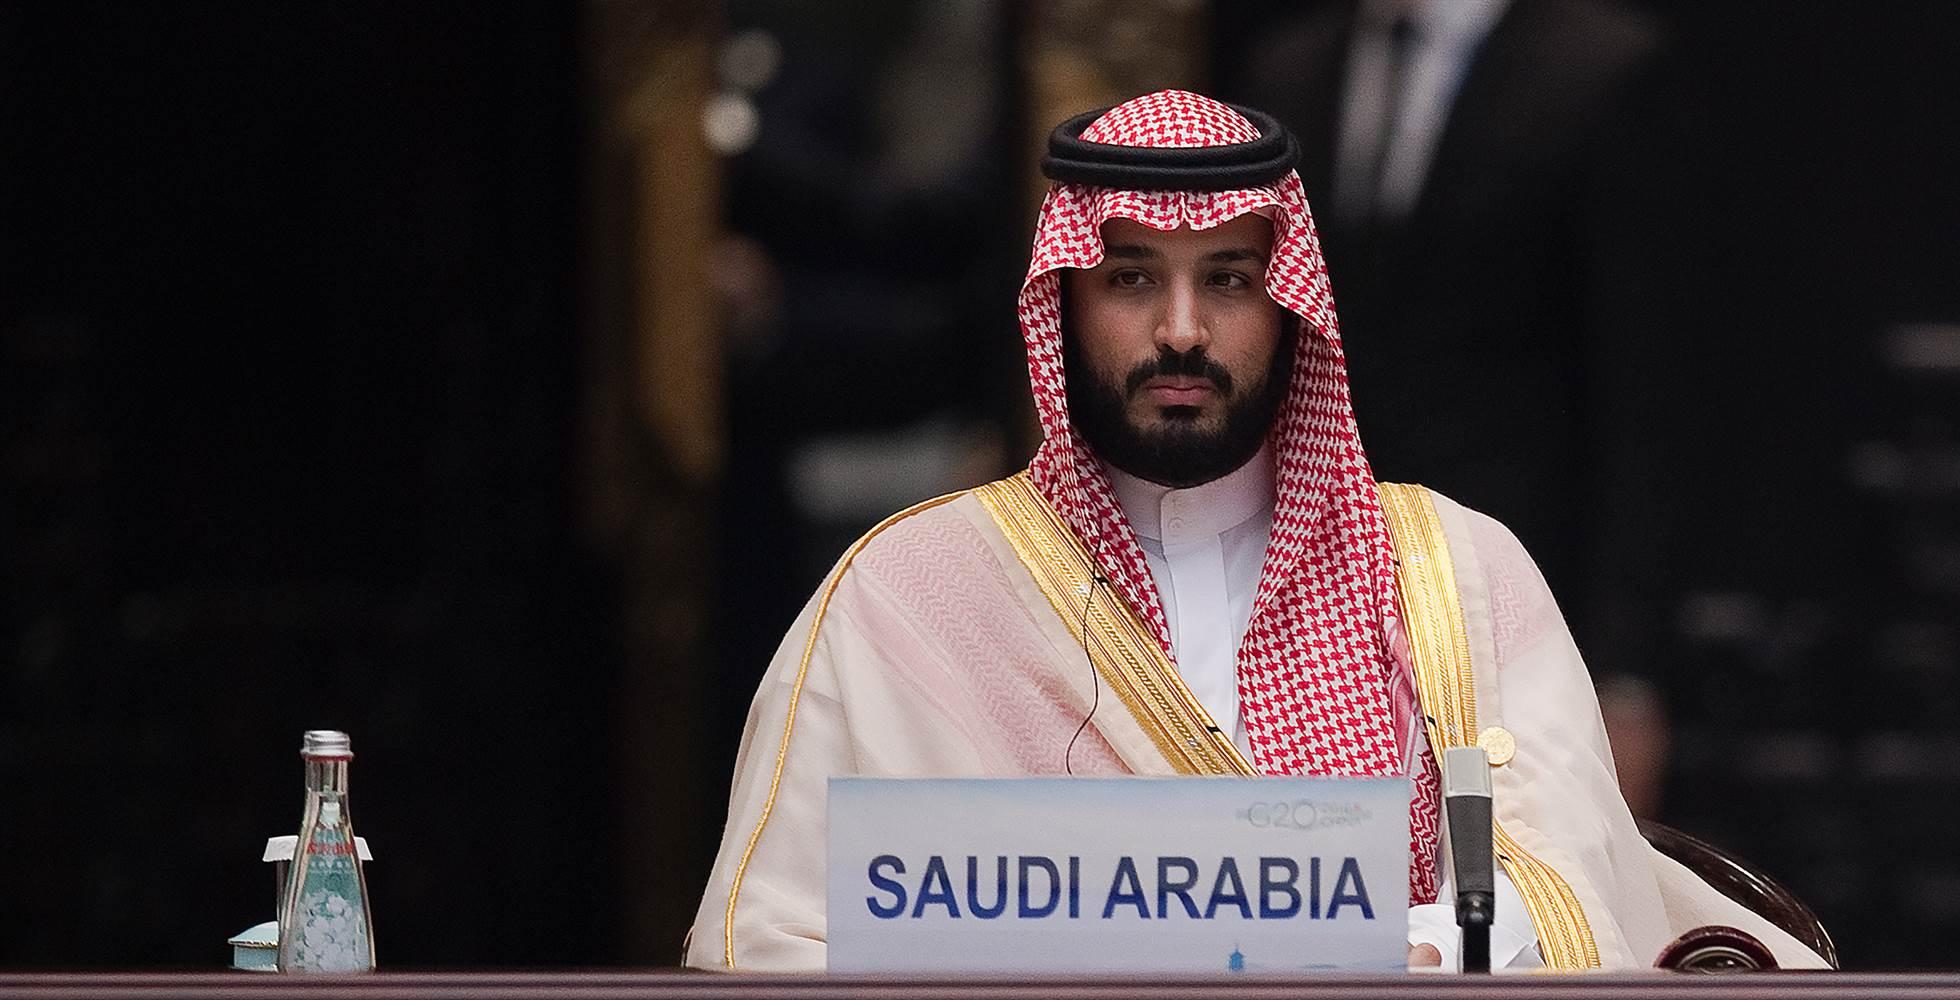 In Saudi Arabia, Family Matters